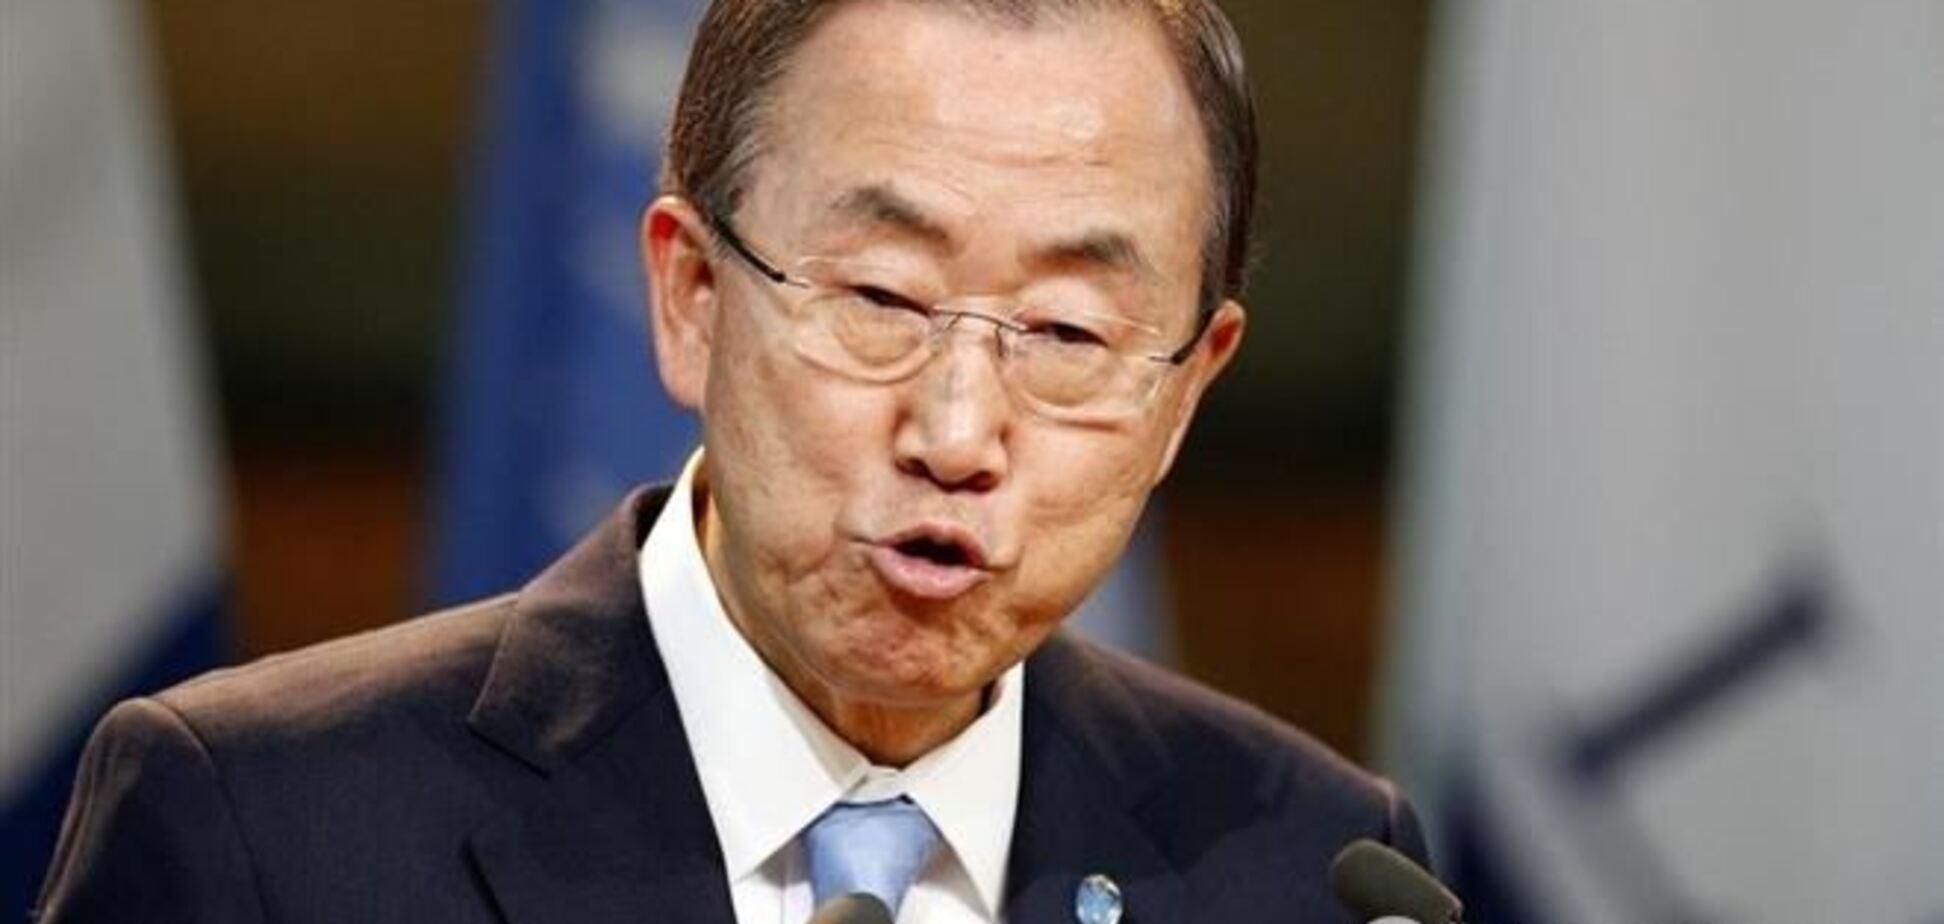 Генсек ООН призвал уважать территориальную целостность Украины